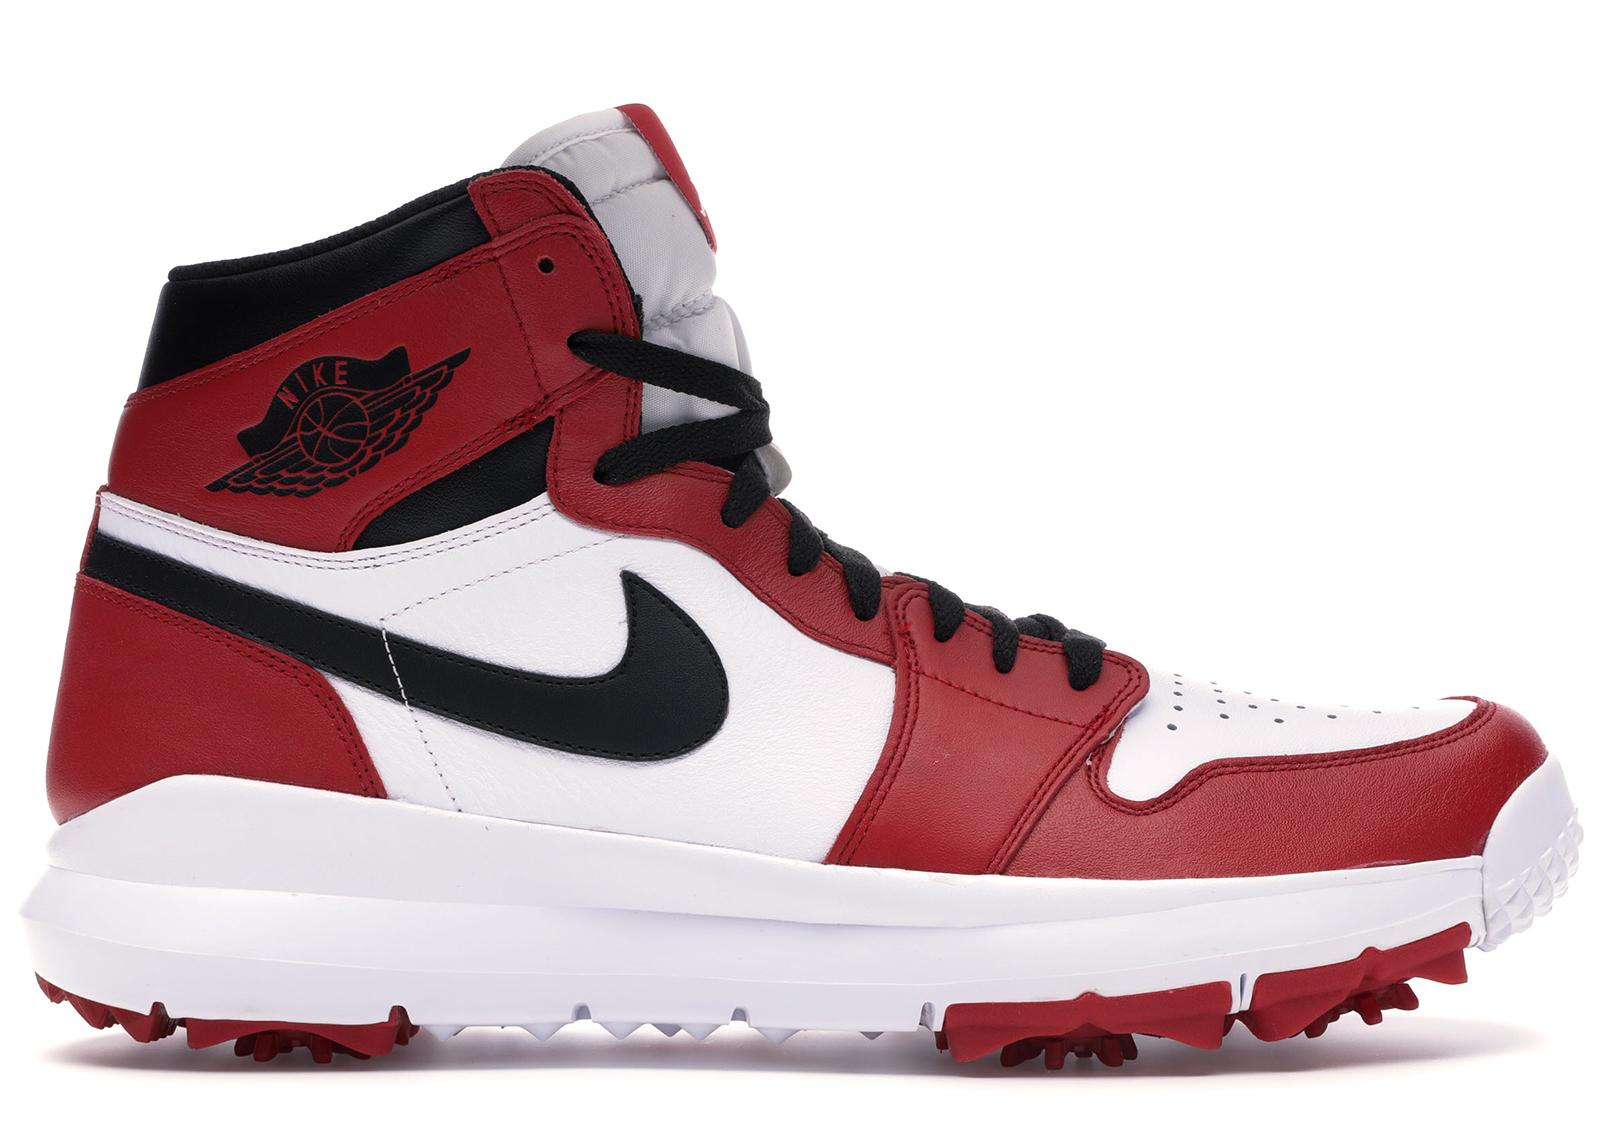 Jordan 1 Retro Golf Cleat Chicago